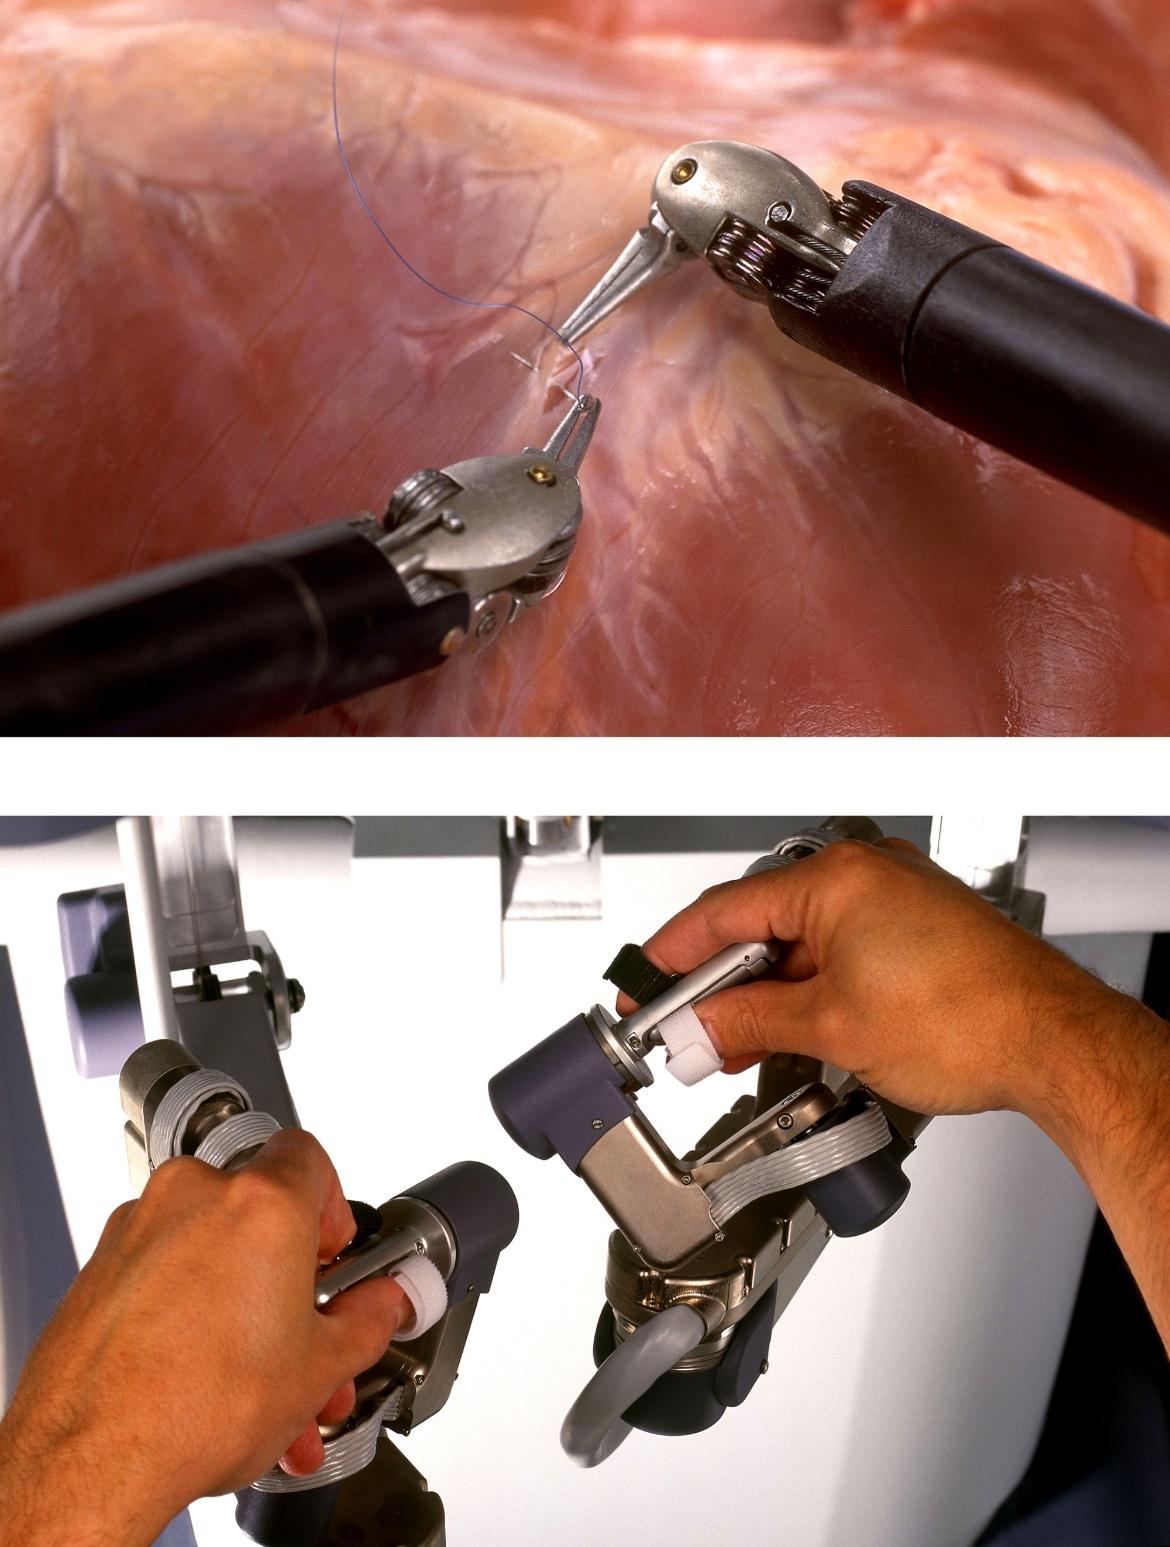 Modern robot-assisted surgery.